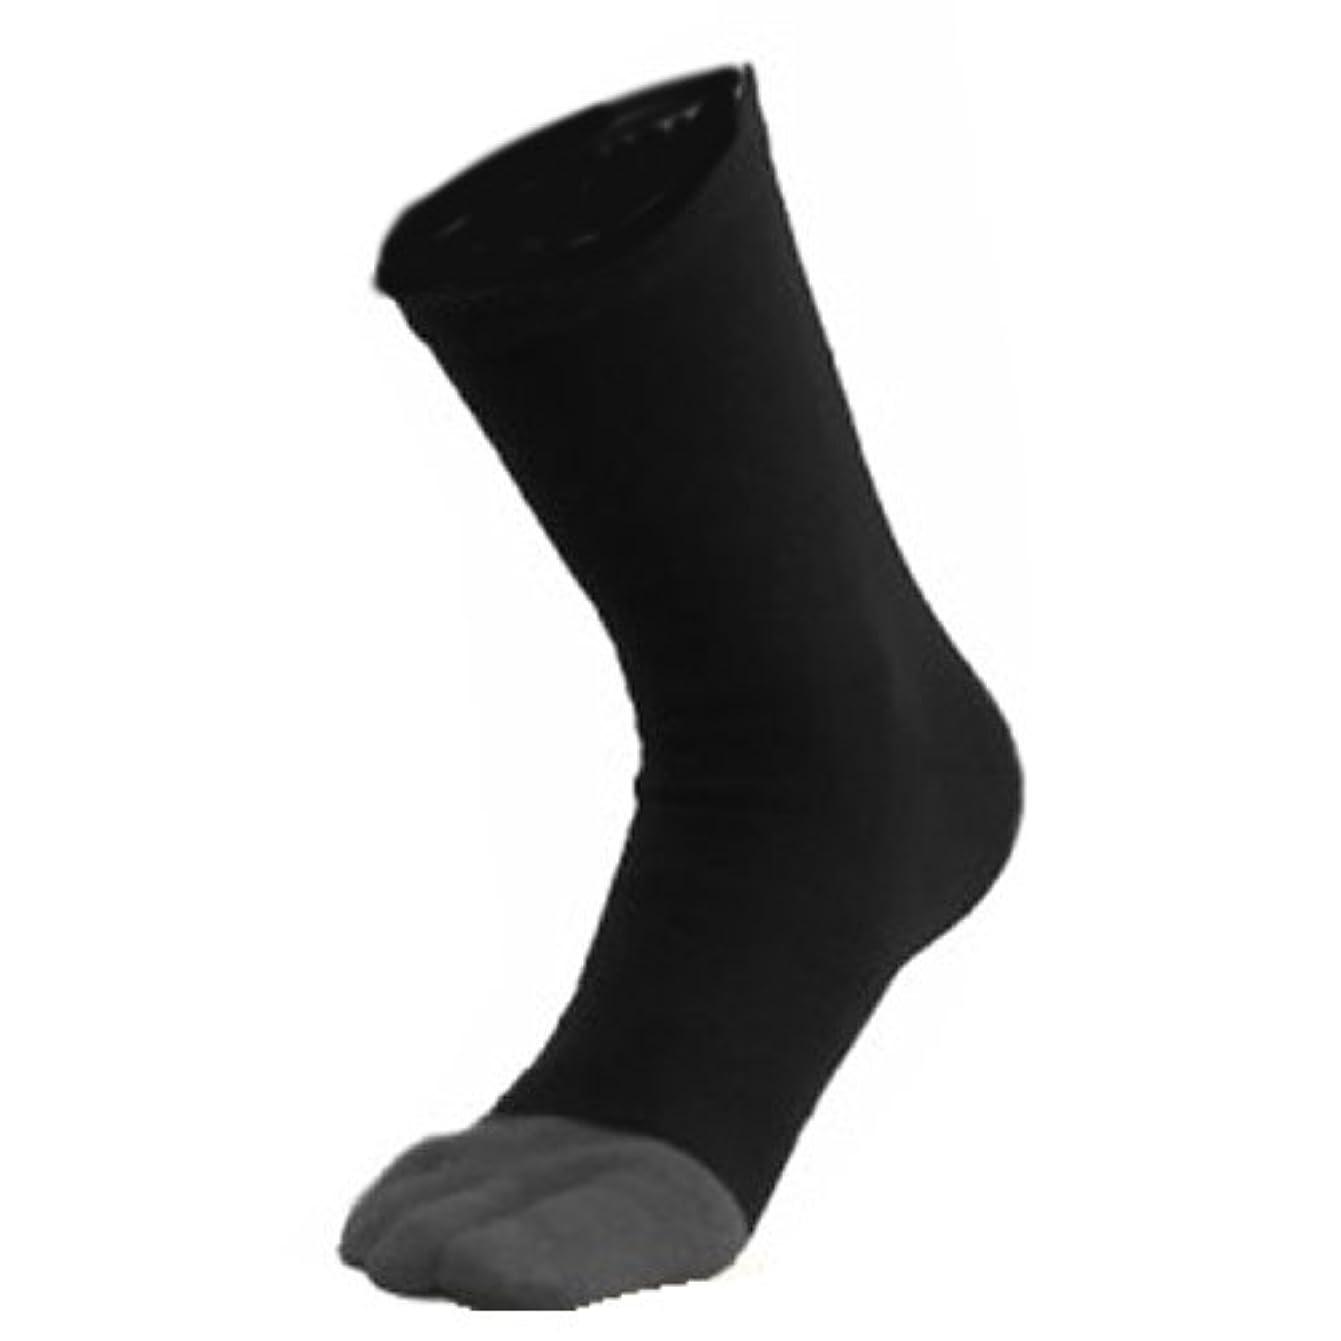 台風病な保険をかける指先まであったか靴下 ブラック×チャコールグレー